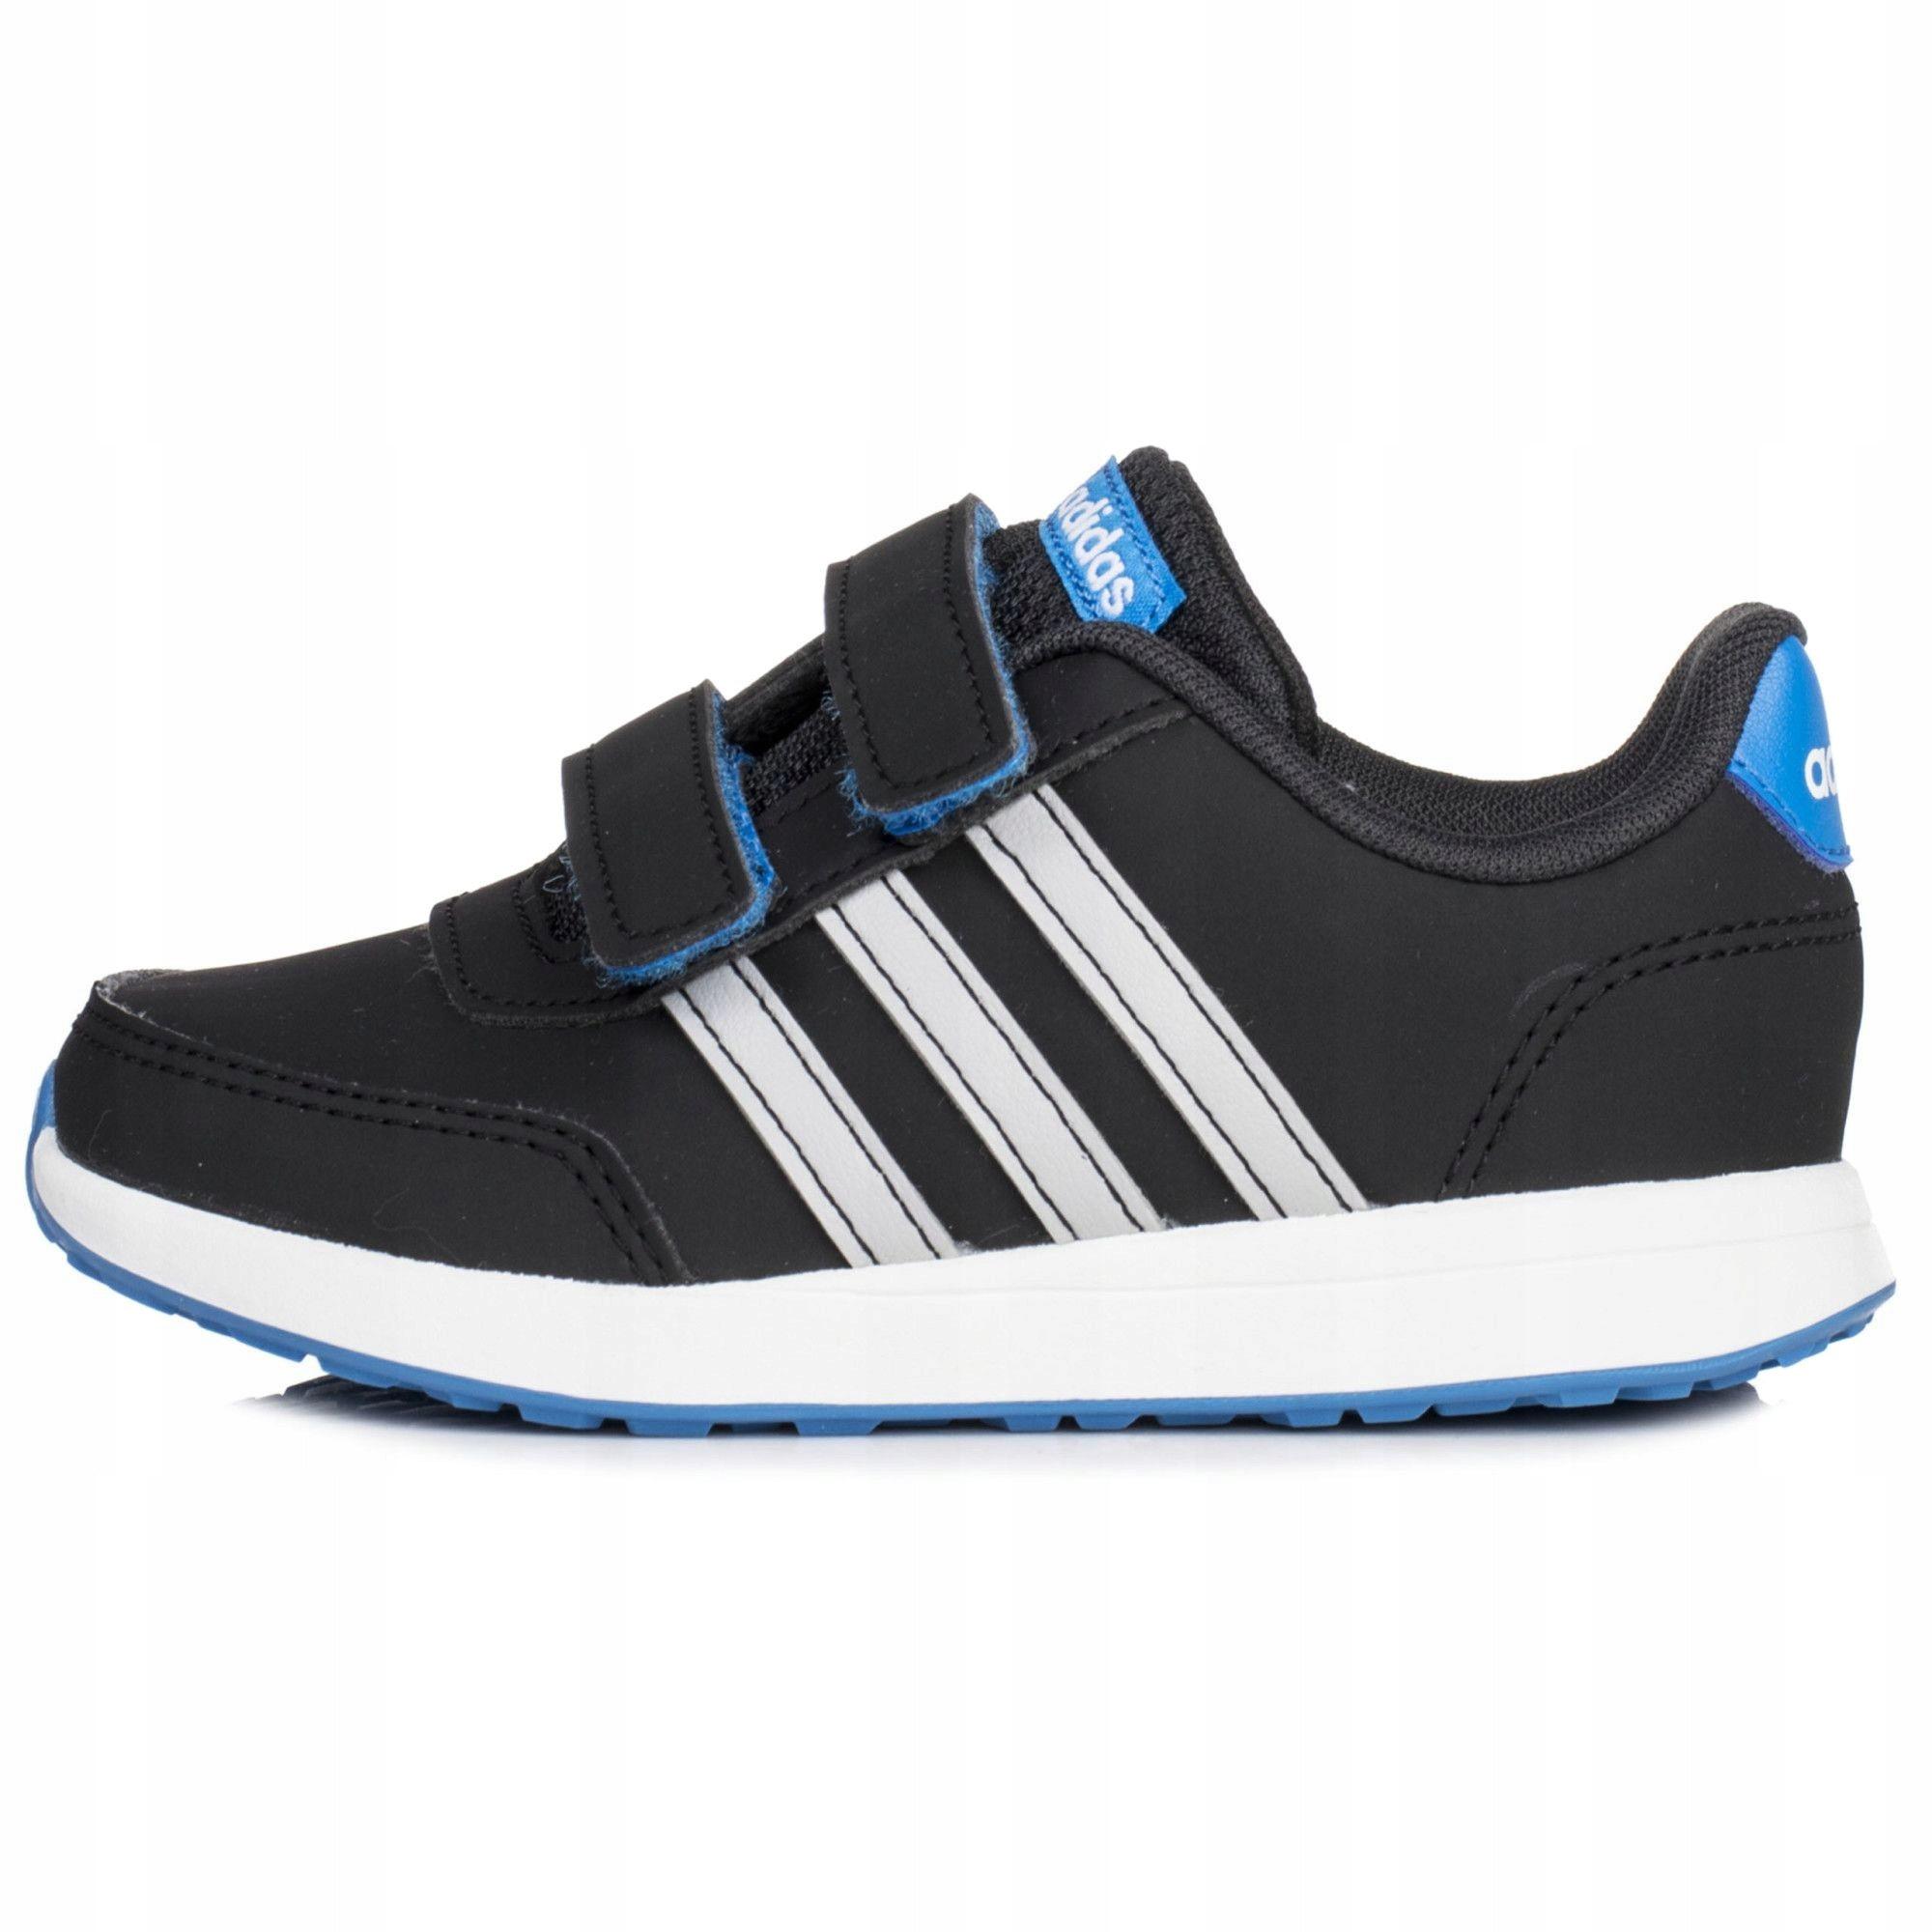 Adidas (20) Vs Switch 2 buty dziecięce DB1930 Ceny i opinie Ceneo.pl